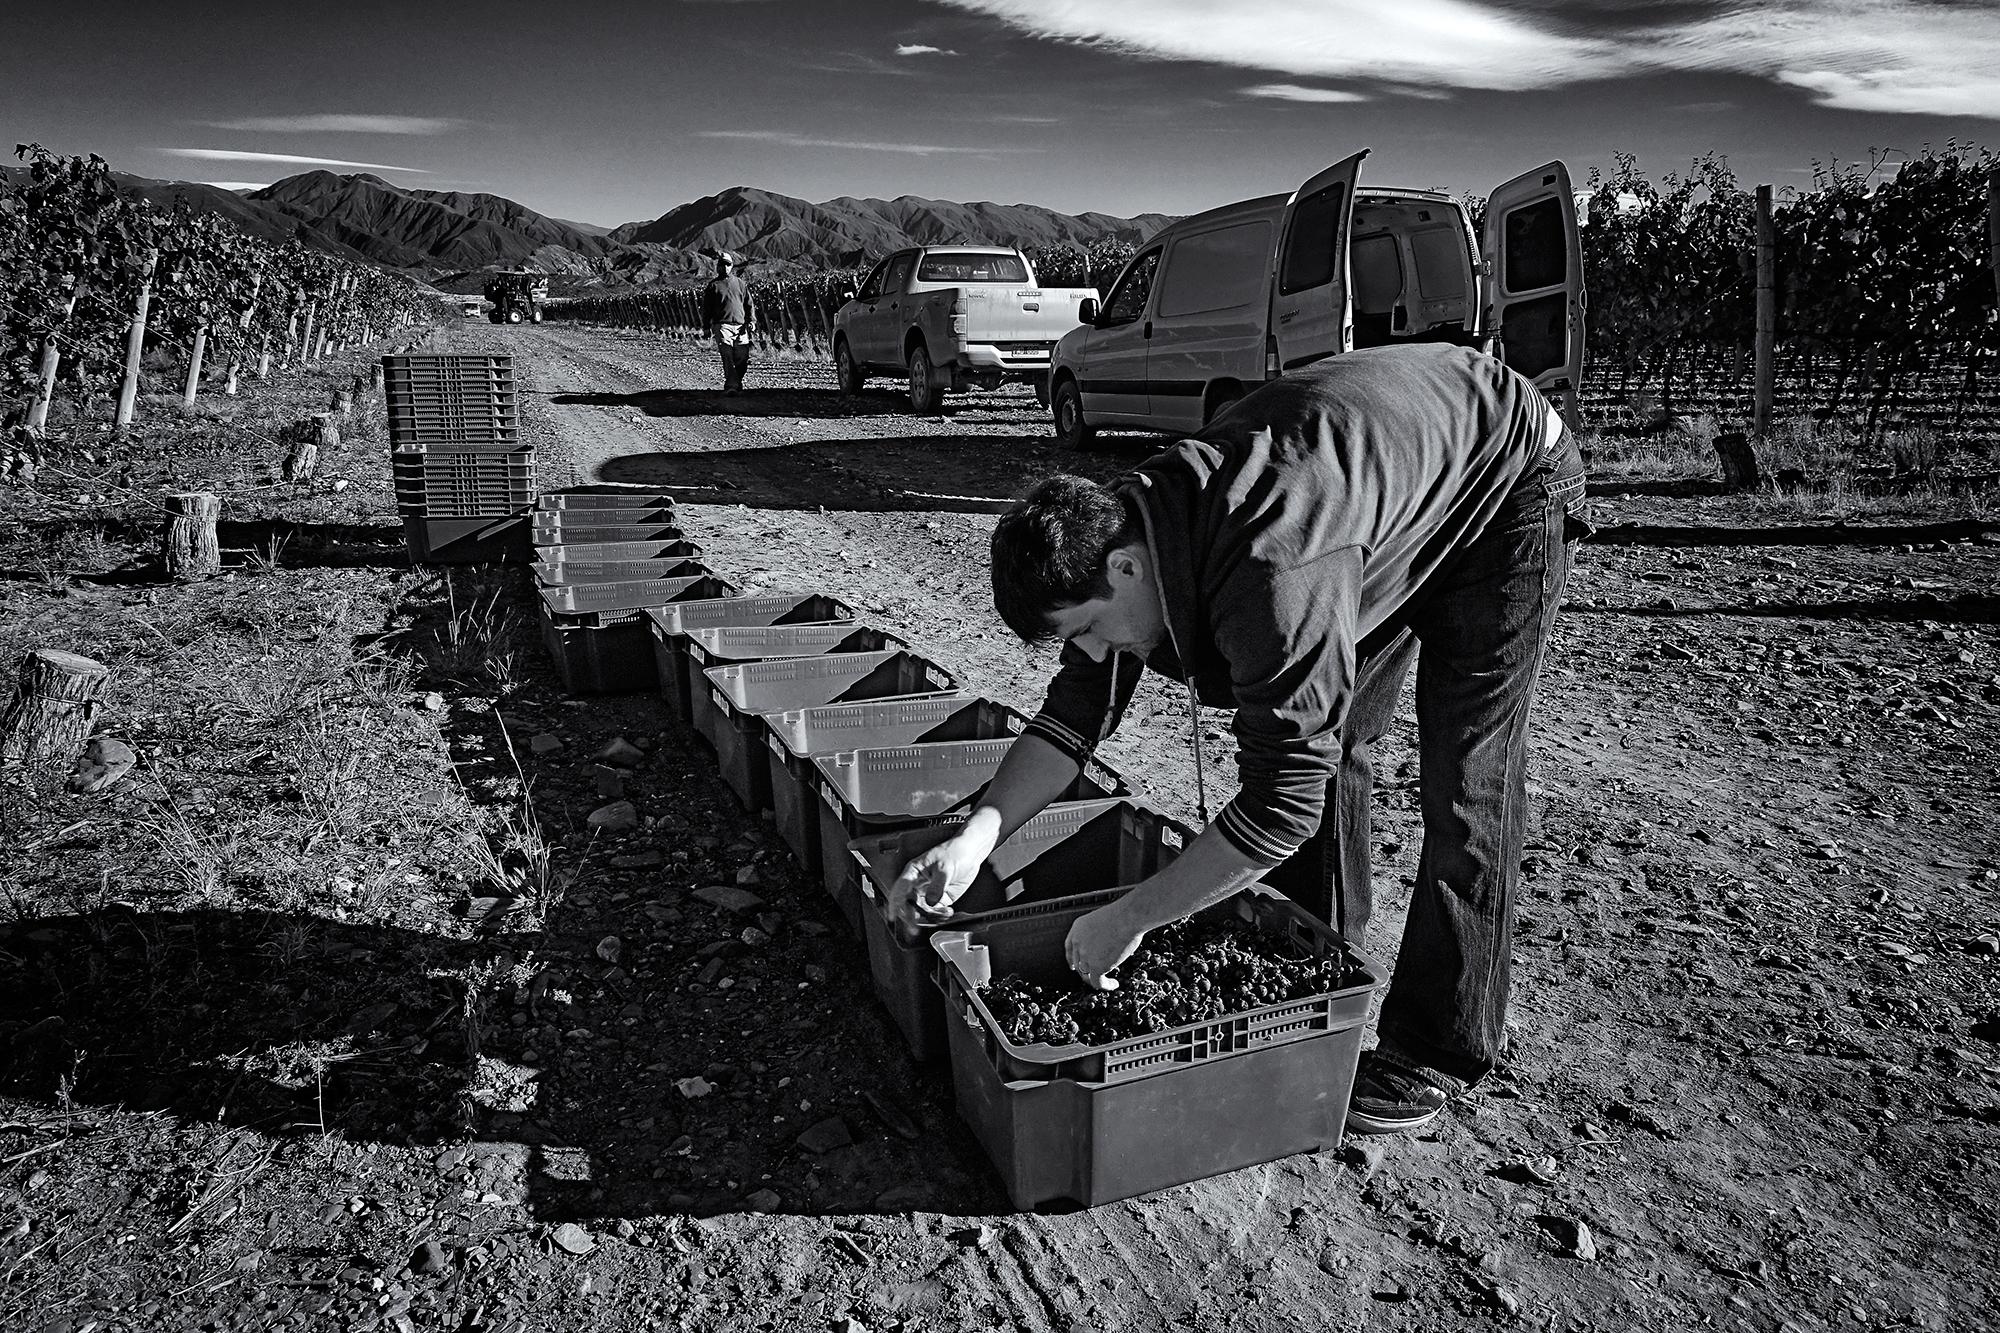 A Cursory Cleaning. El Valle del Pedernal, San Juan, Argentina, 2016